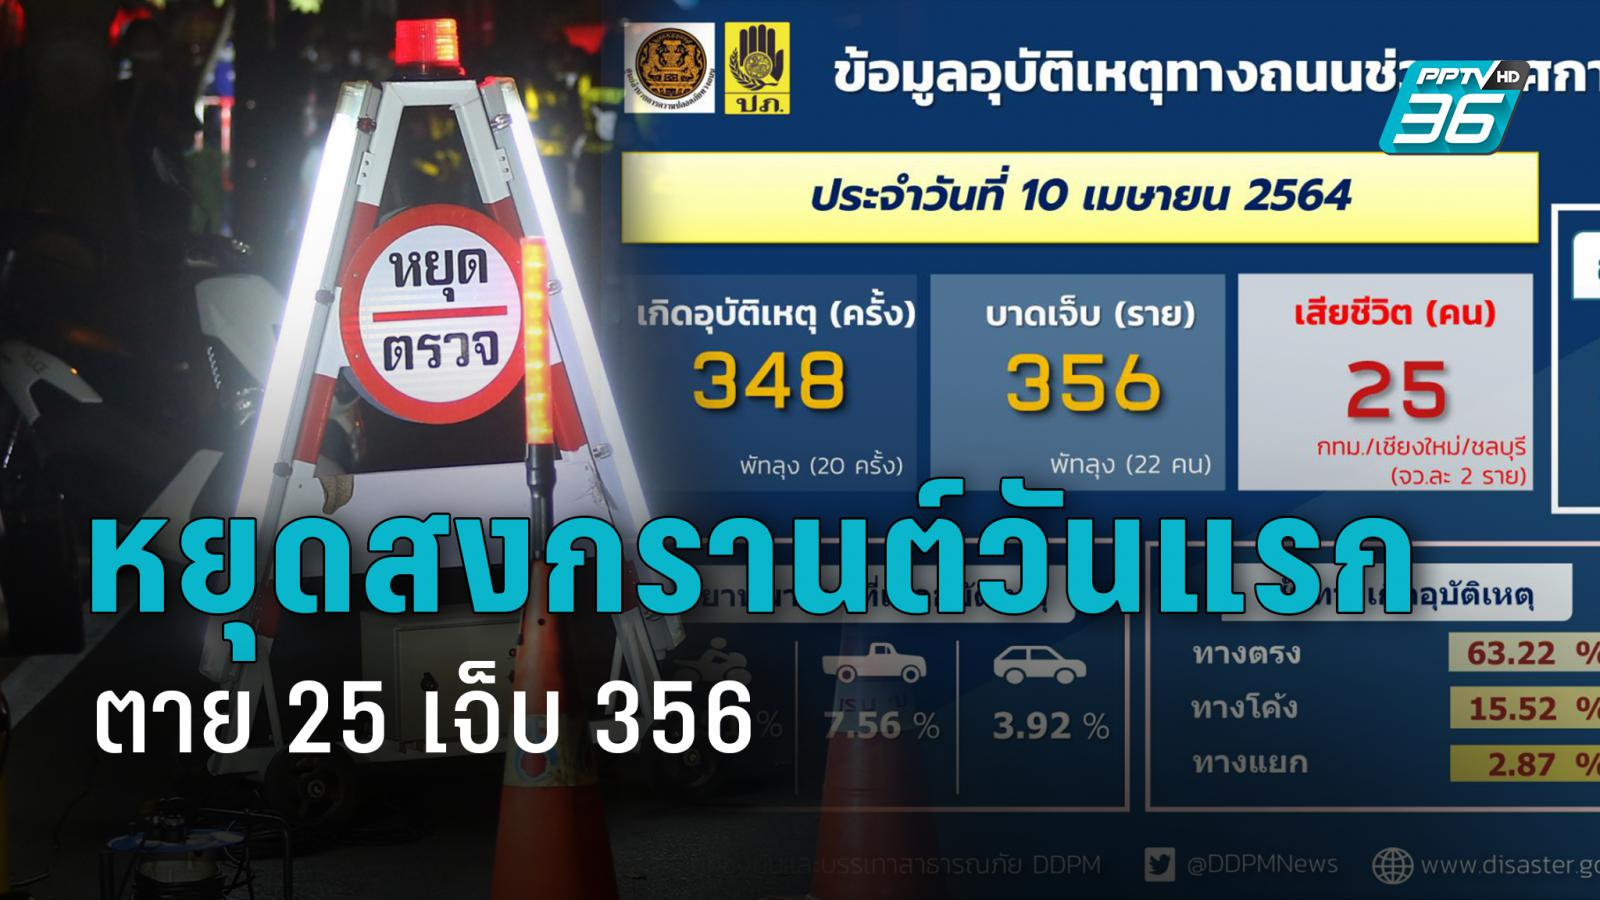 ประเดิม! หยุดสงกรานต์วันแรก อุบัติเหตุ 348 ครั้ง เสียชีวิต 25 เจ็บ 356 ราย